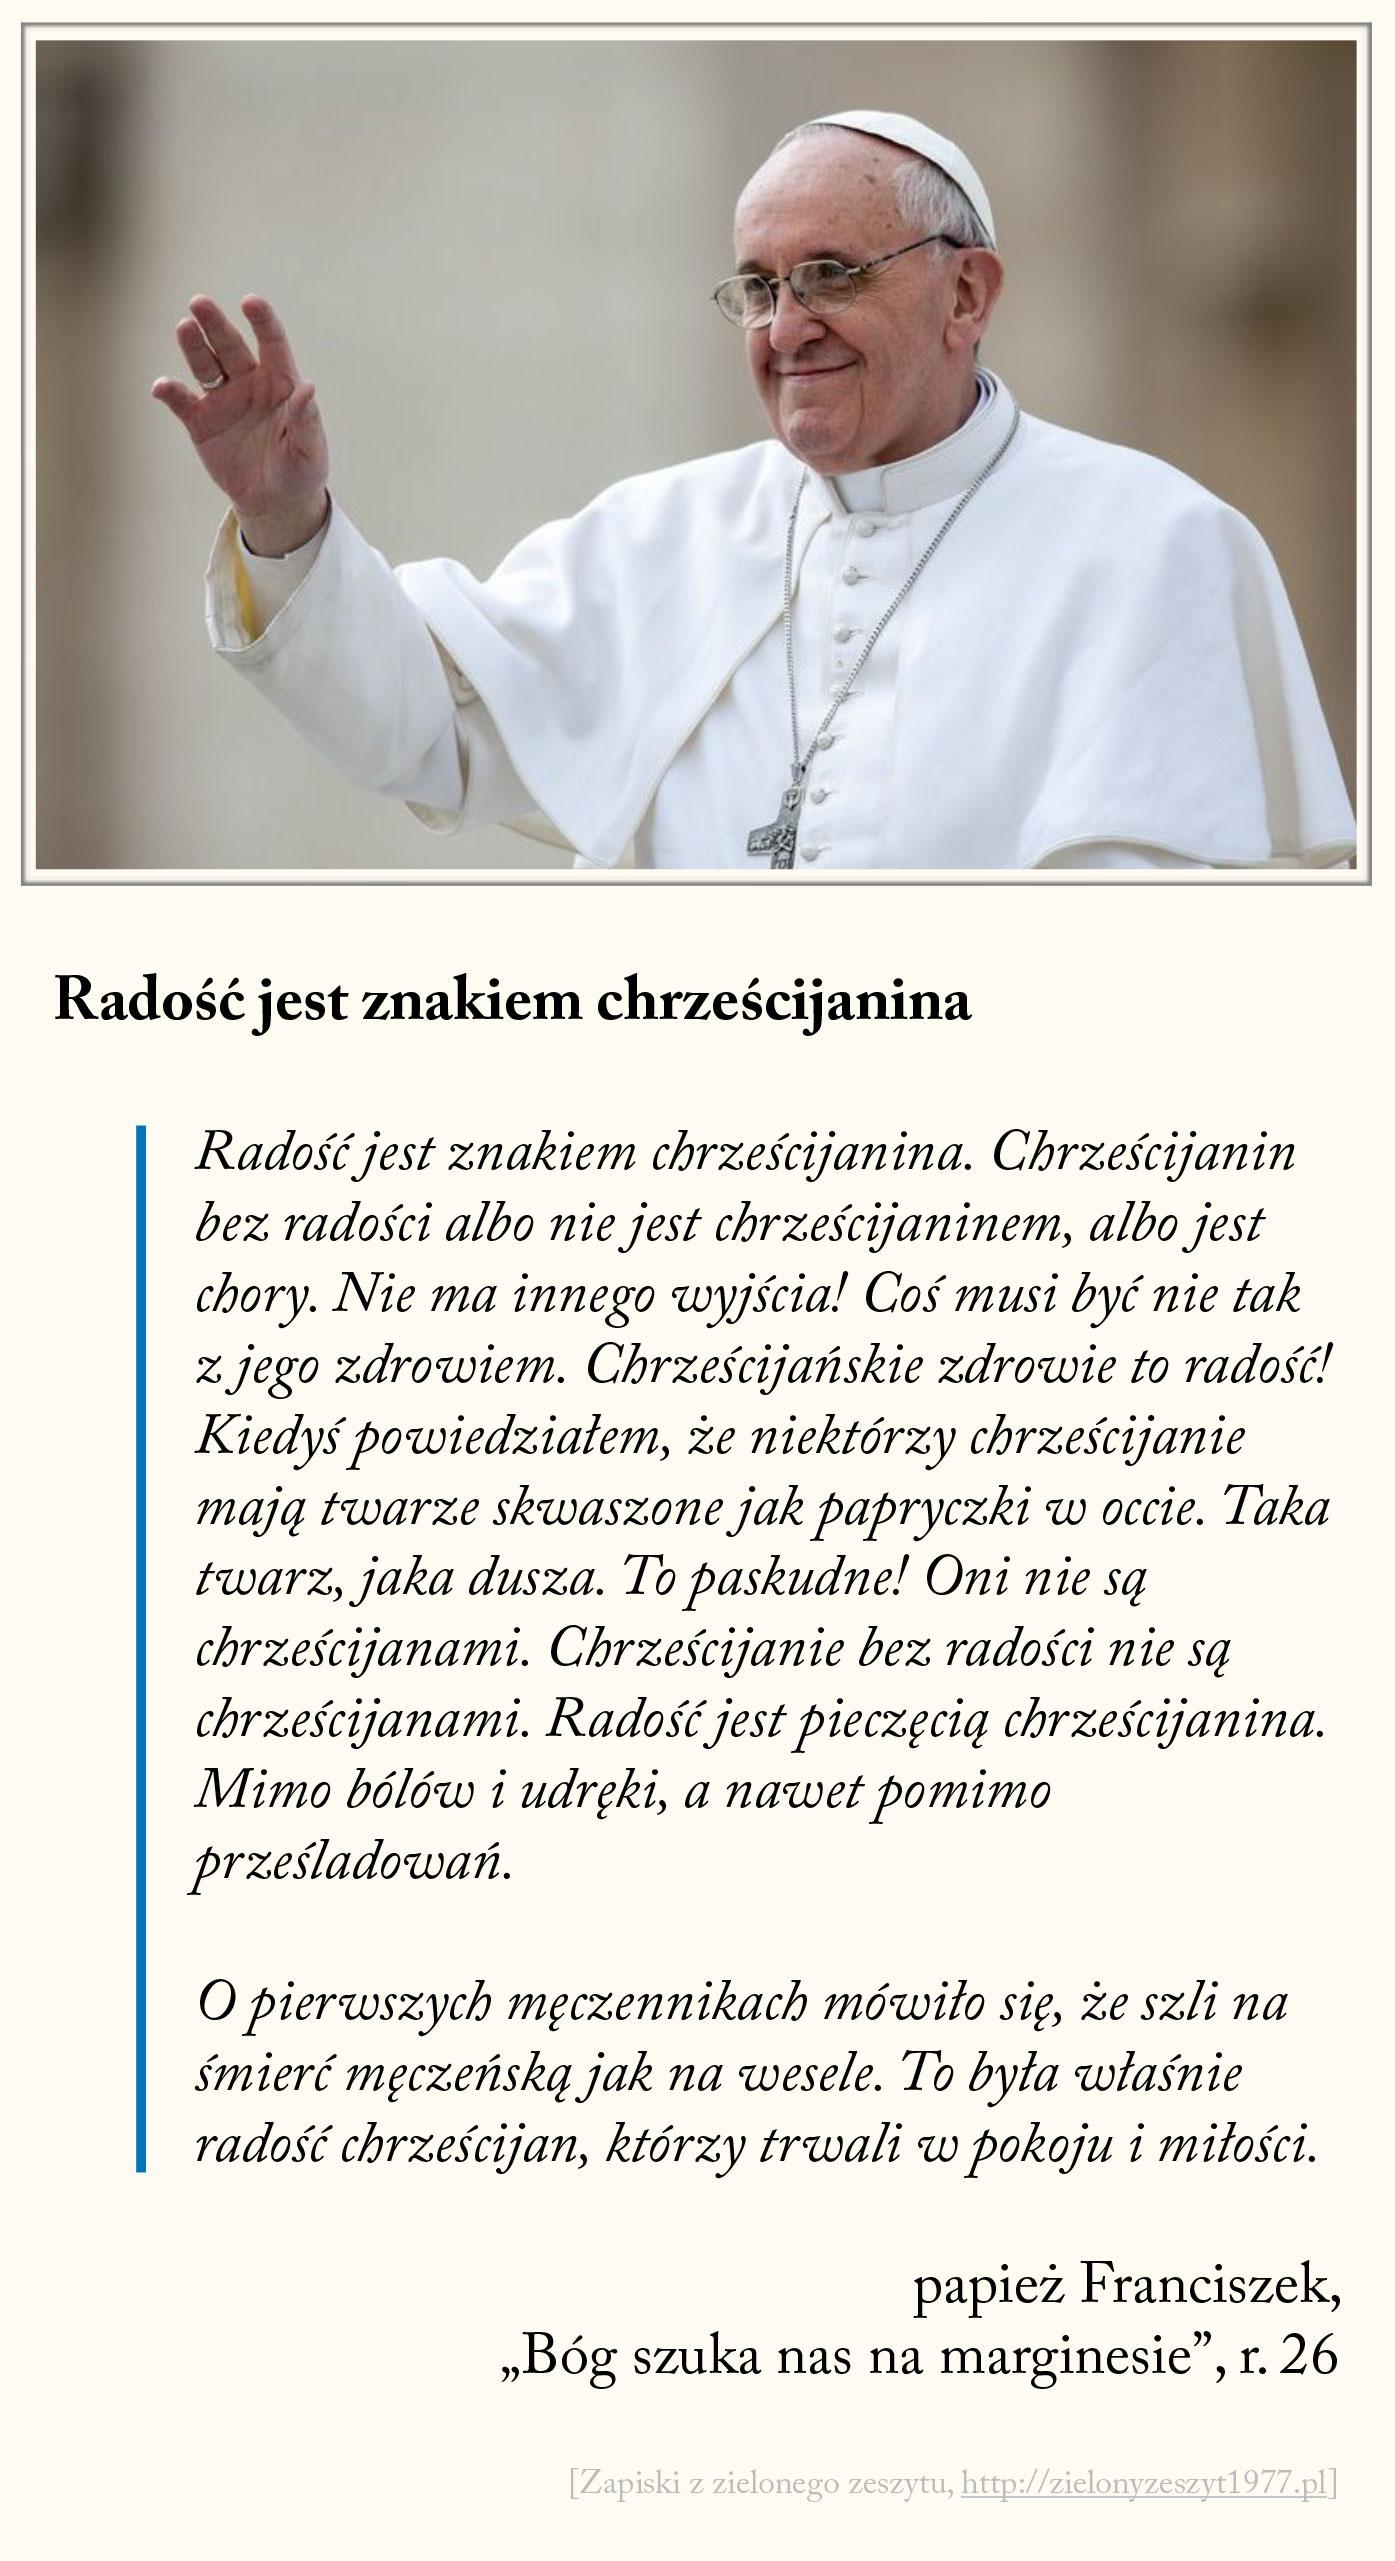 Bóg szuka nas na marginesie, Radość jest znakiem chrześcijanina, papież Franciszek